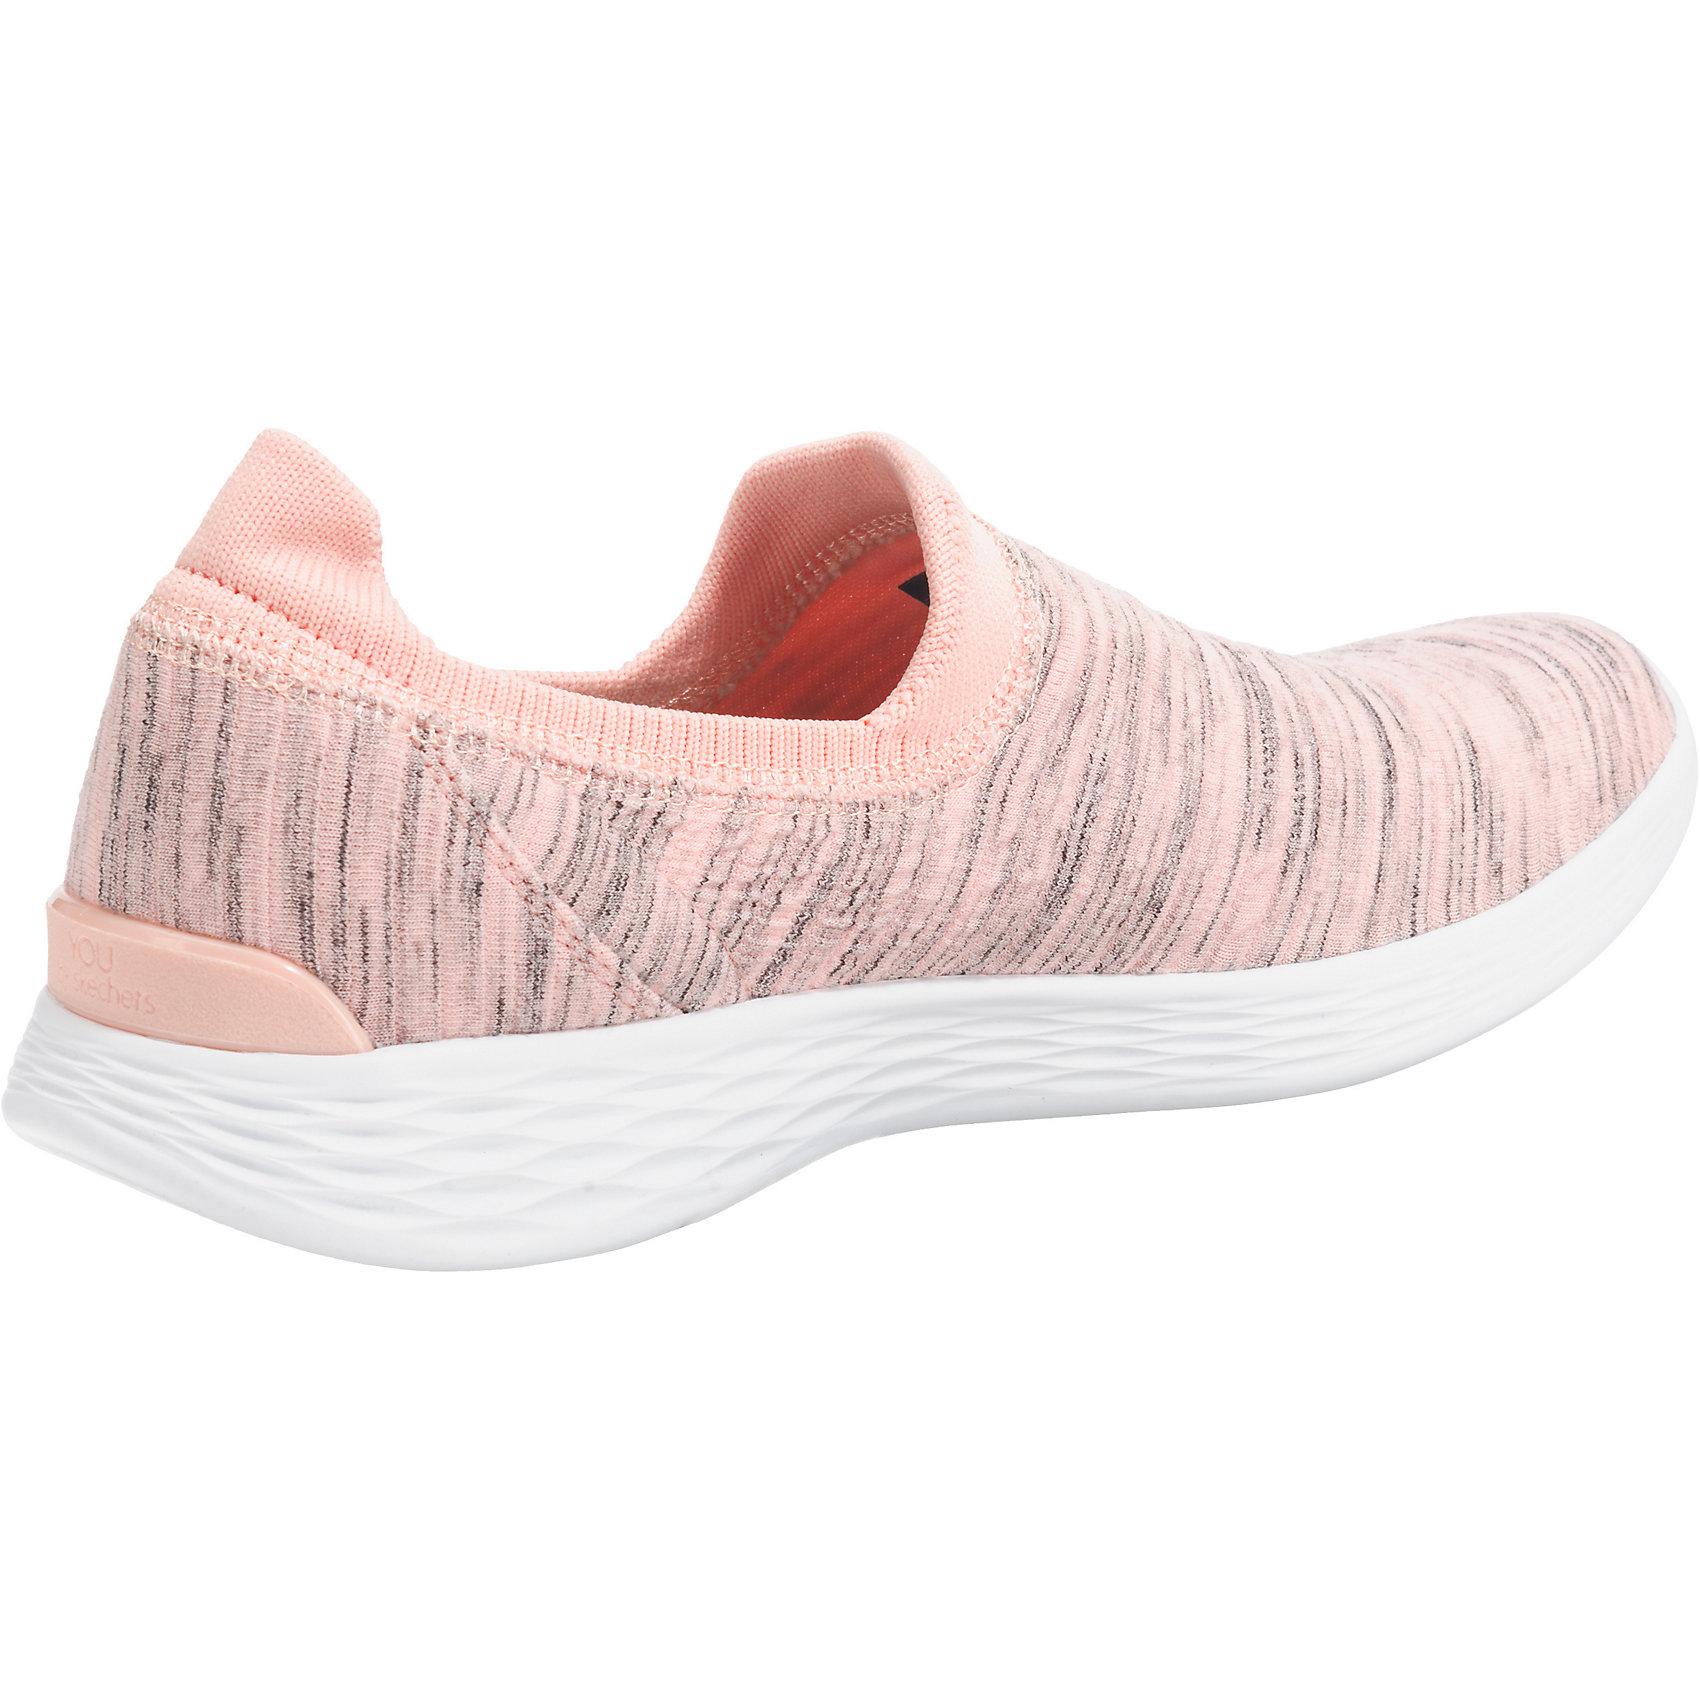 Neu SKECHERS You Define Grace Sneakers Niedrig Niedrig Niedrig 7393067 für Damen grau rosa 9d5eaa